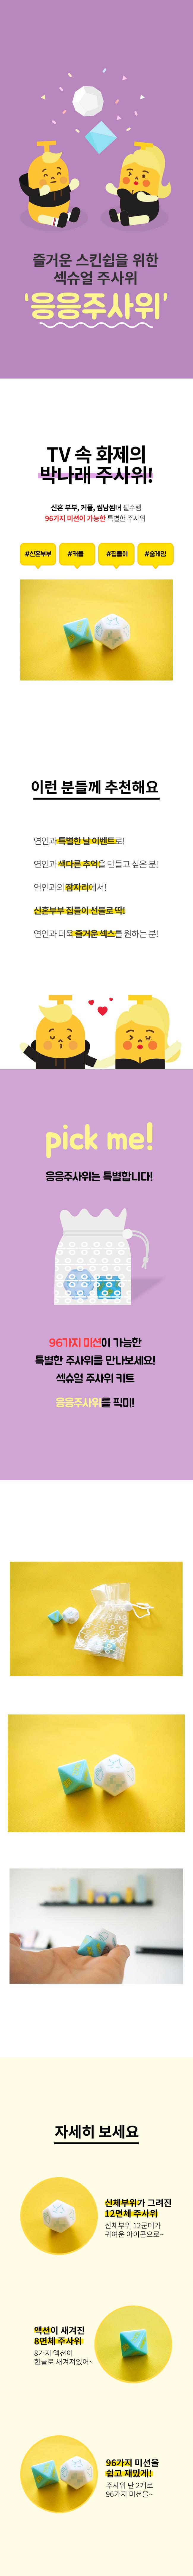 [홀딱바나나] 박나래 주사위 성인 커플 신혼 부부 응응주사위